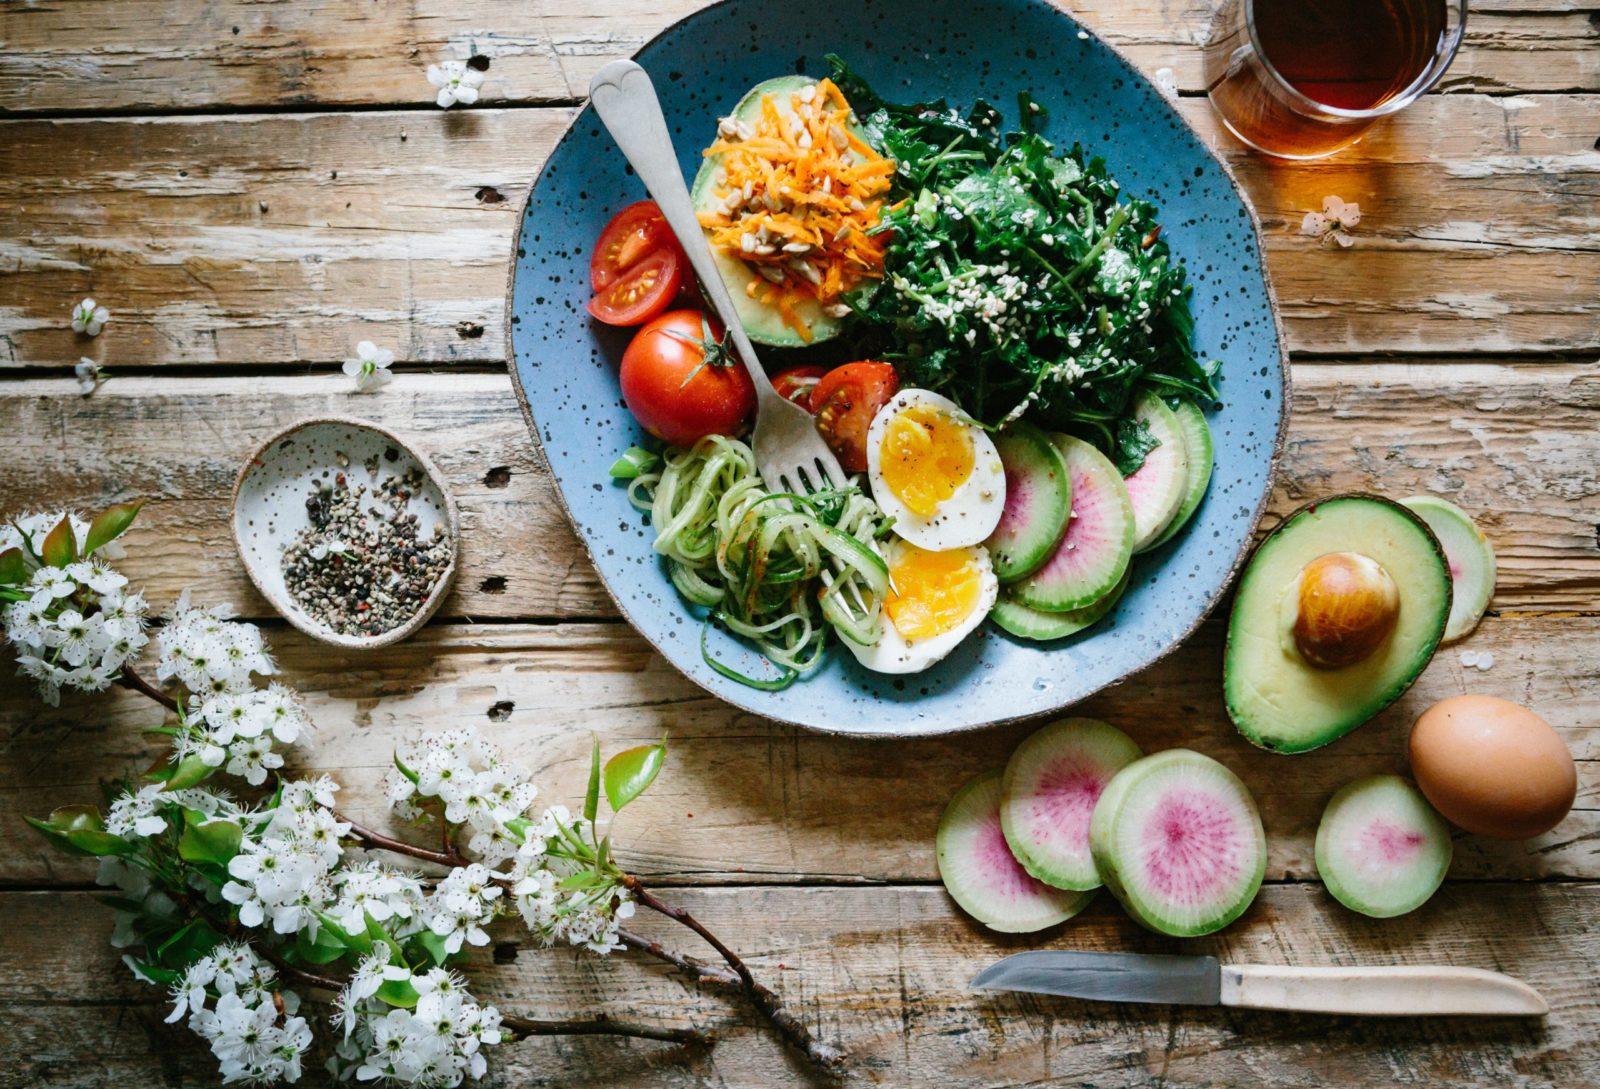 Bellfitness Custom meal plan + Body Transformation Consultation